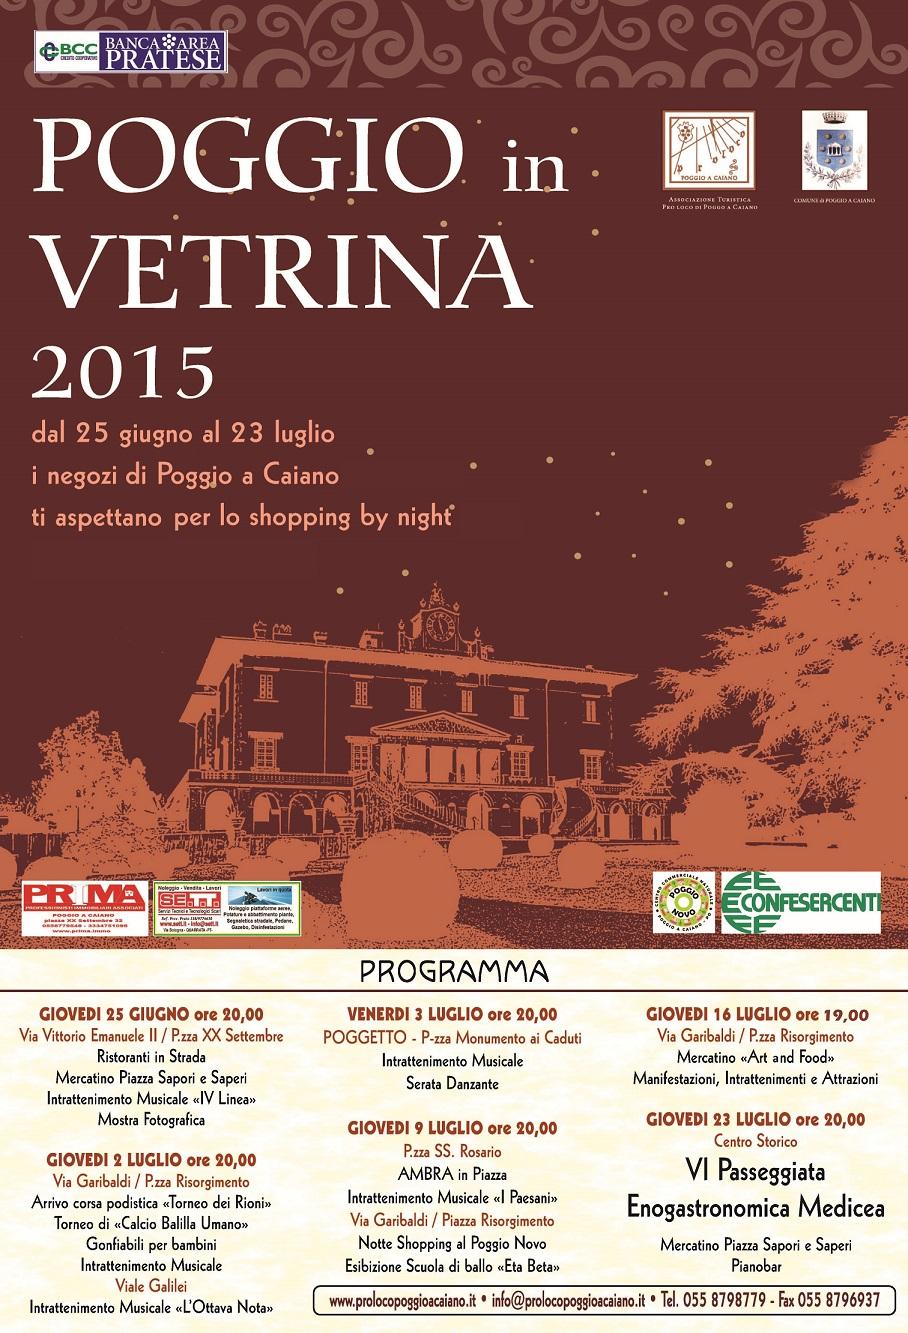 Poggio in Vetrina 2015